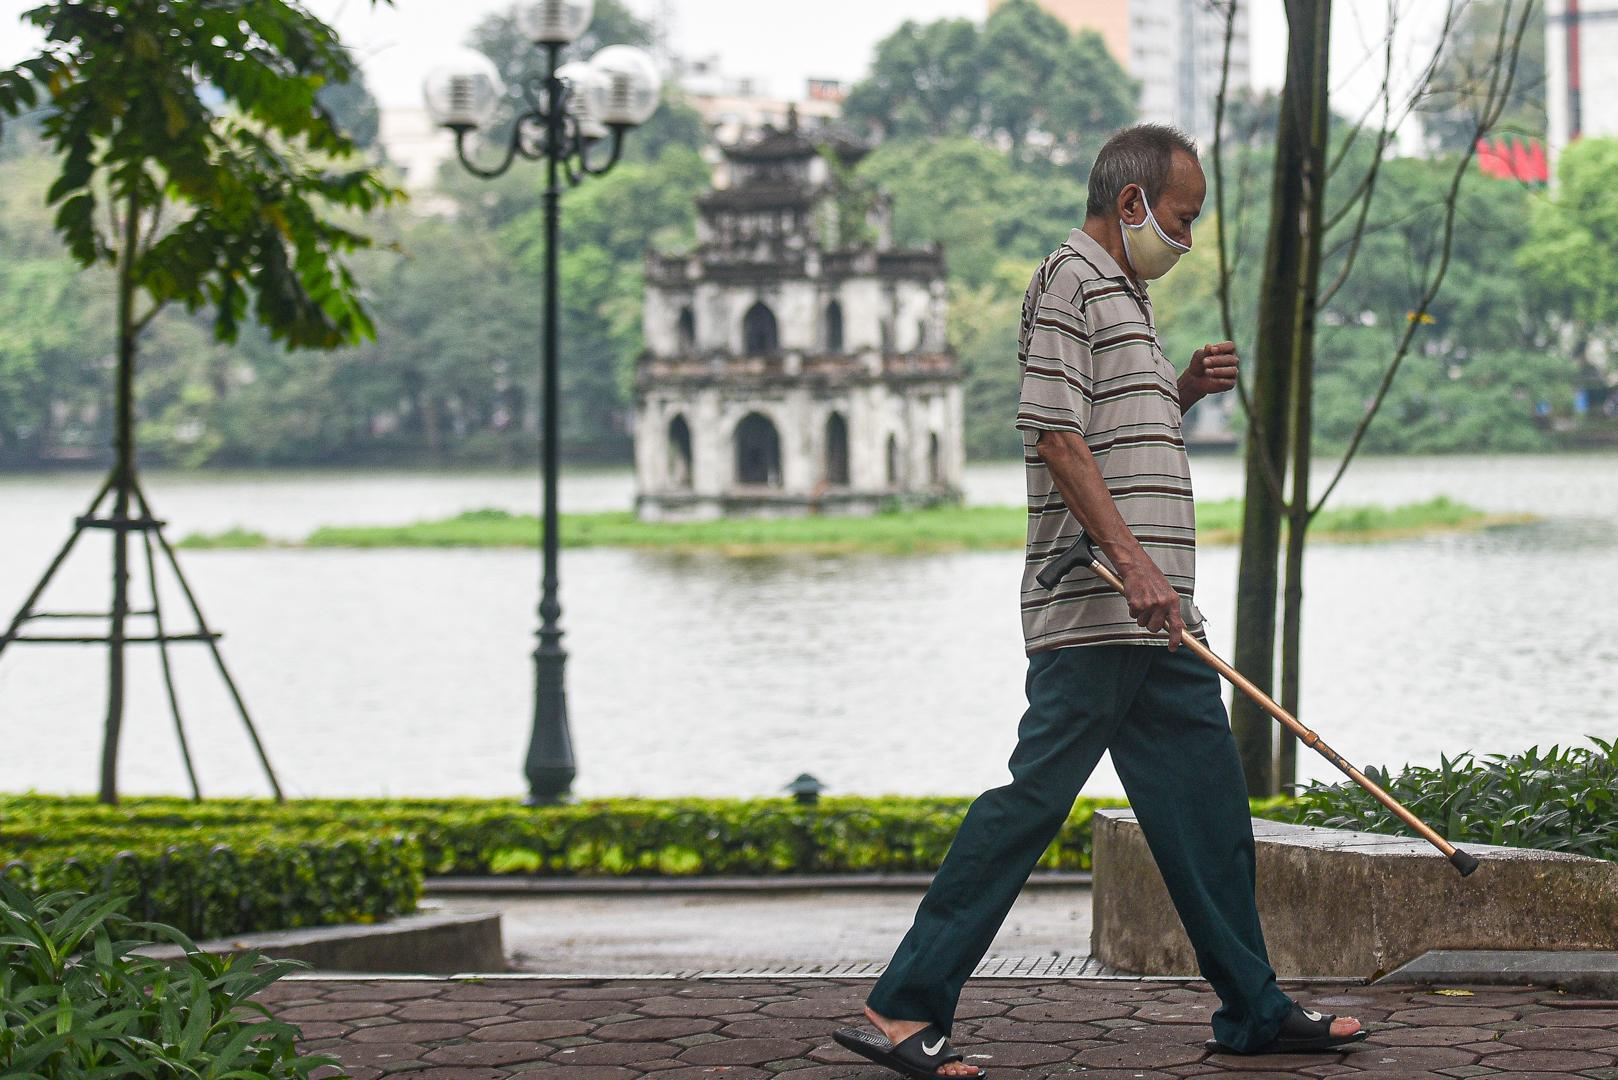 Nhịp sống tại Hà Nội dần trở lại sau nới lỏng cách ly xã hội Ảnh 3